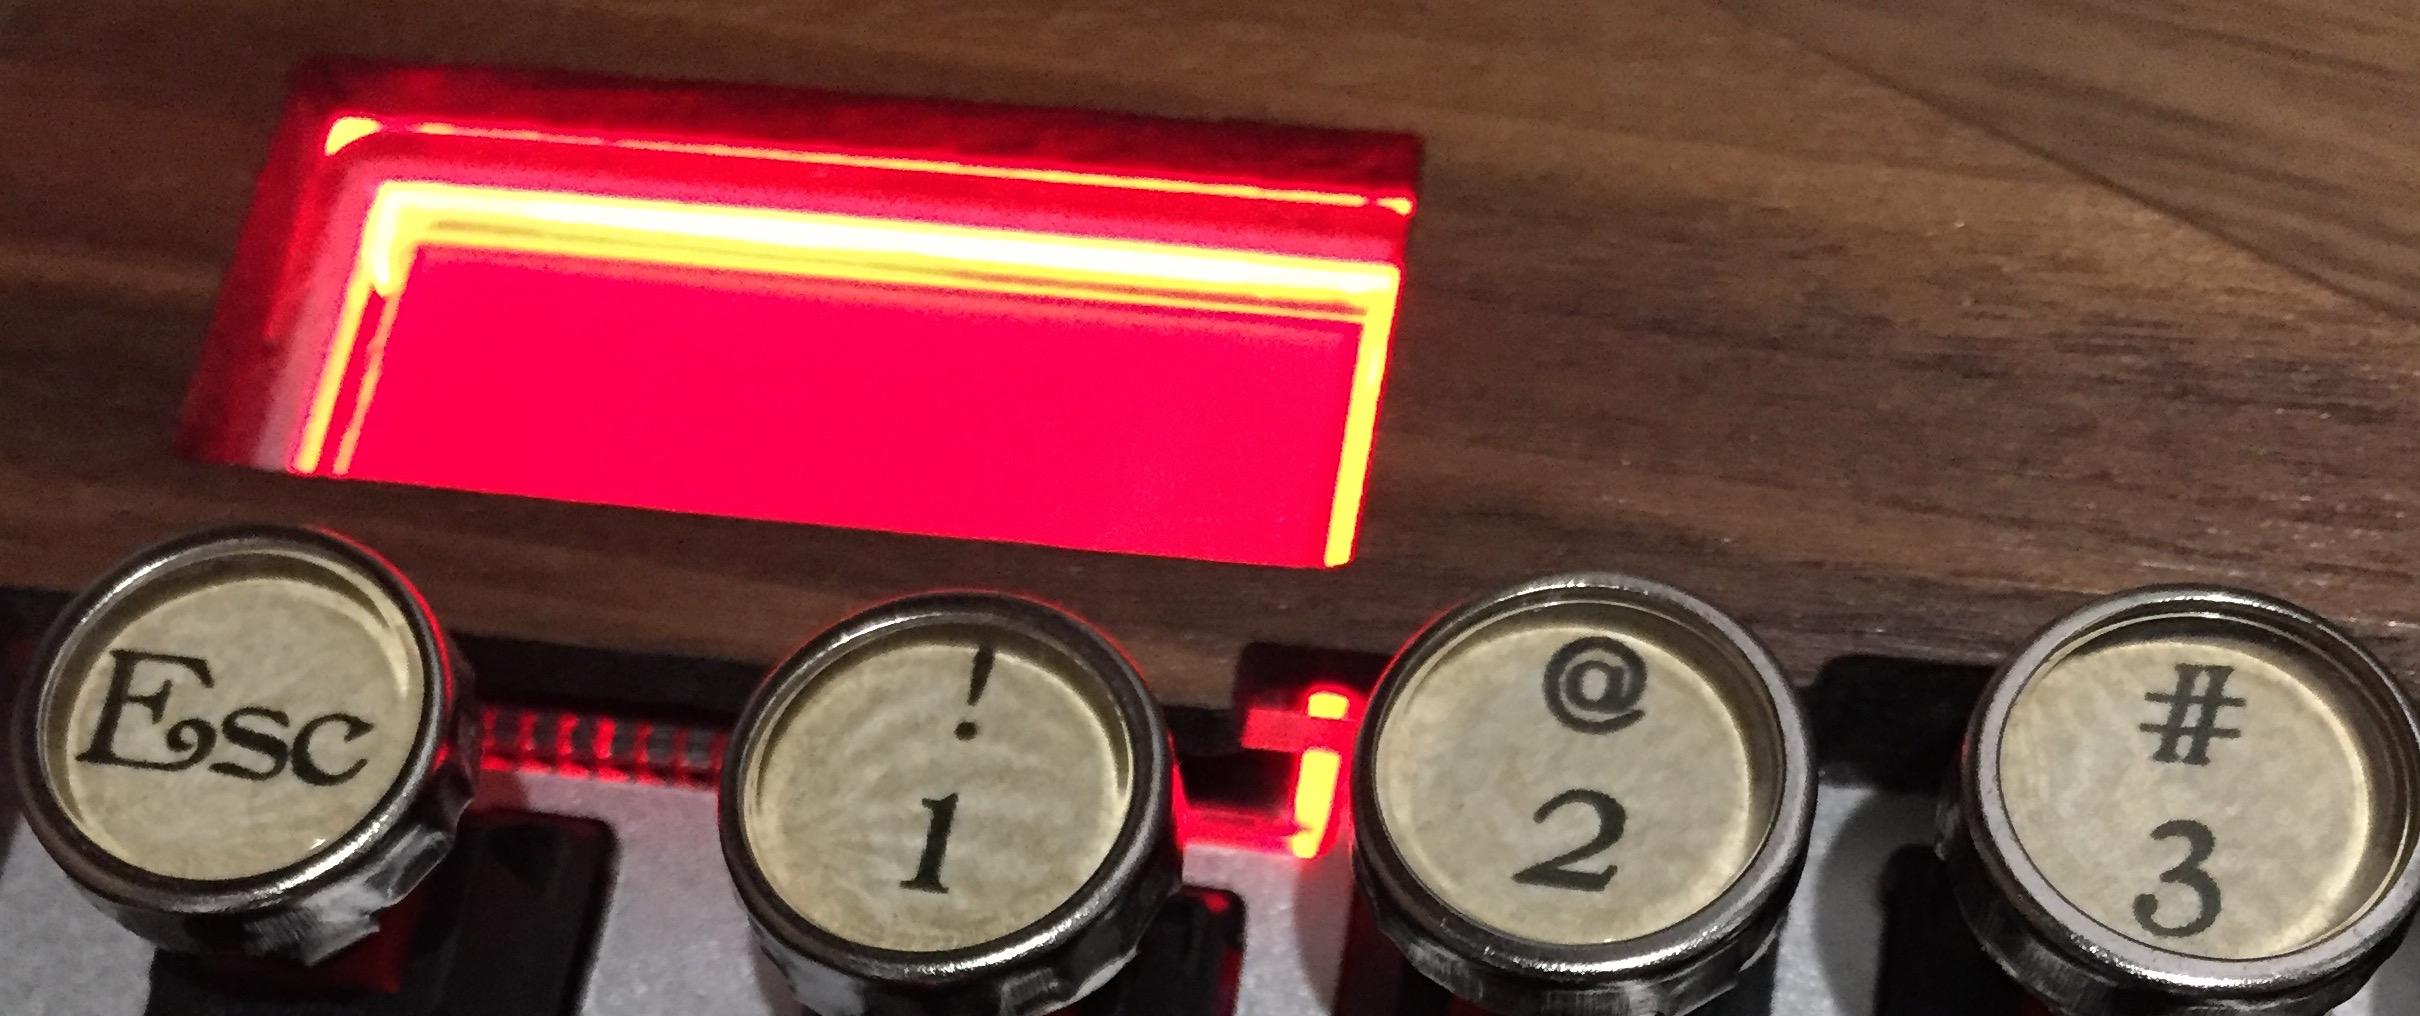 リセットボタンを押すと LCD がオレンジに光る